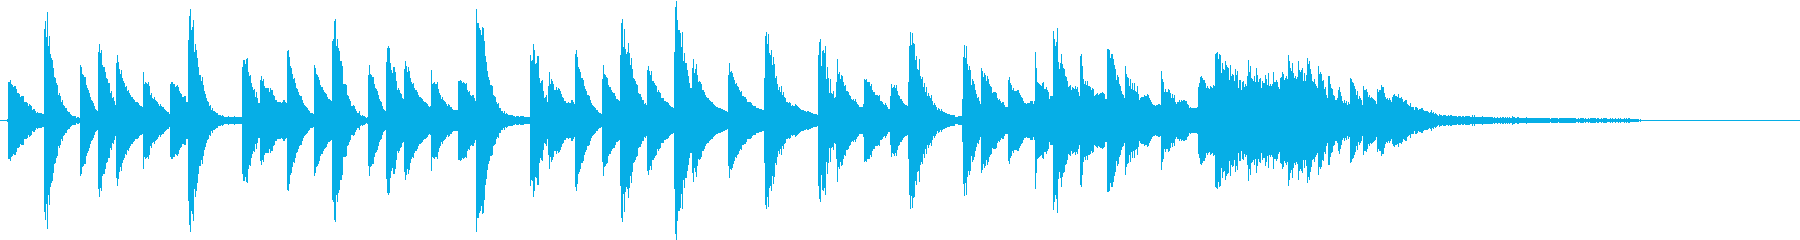 四季より「春」モチーフのピアノジングルCの再生済みの波形